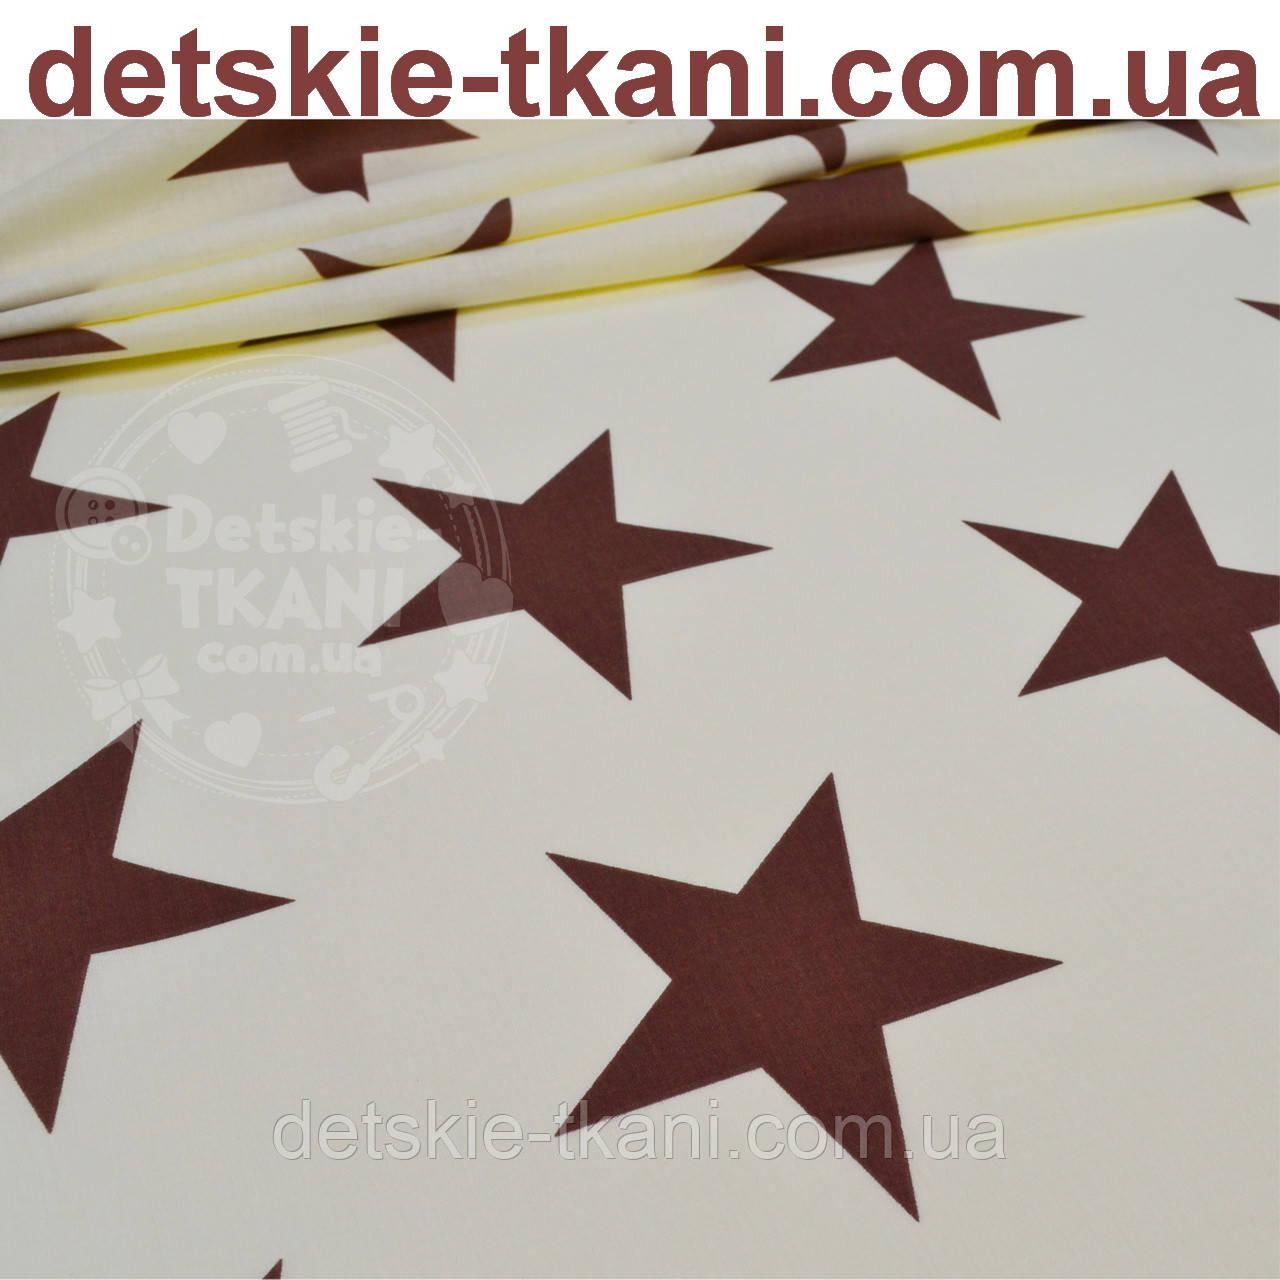 Бязь с коричневыми макси-звёздами 12 см на кремовом фоне (№ 787а)